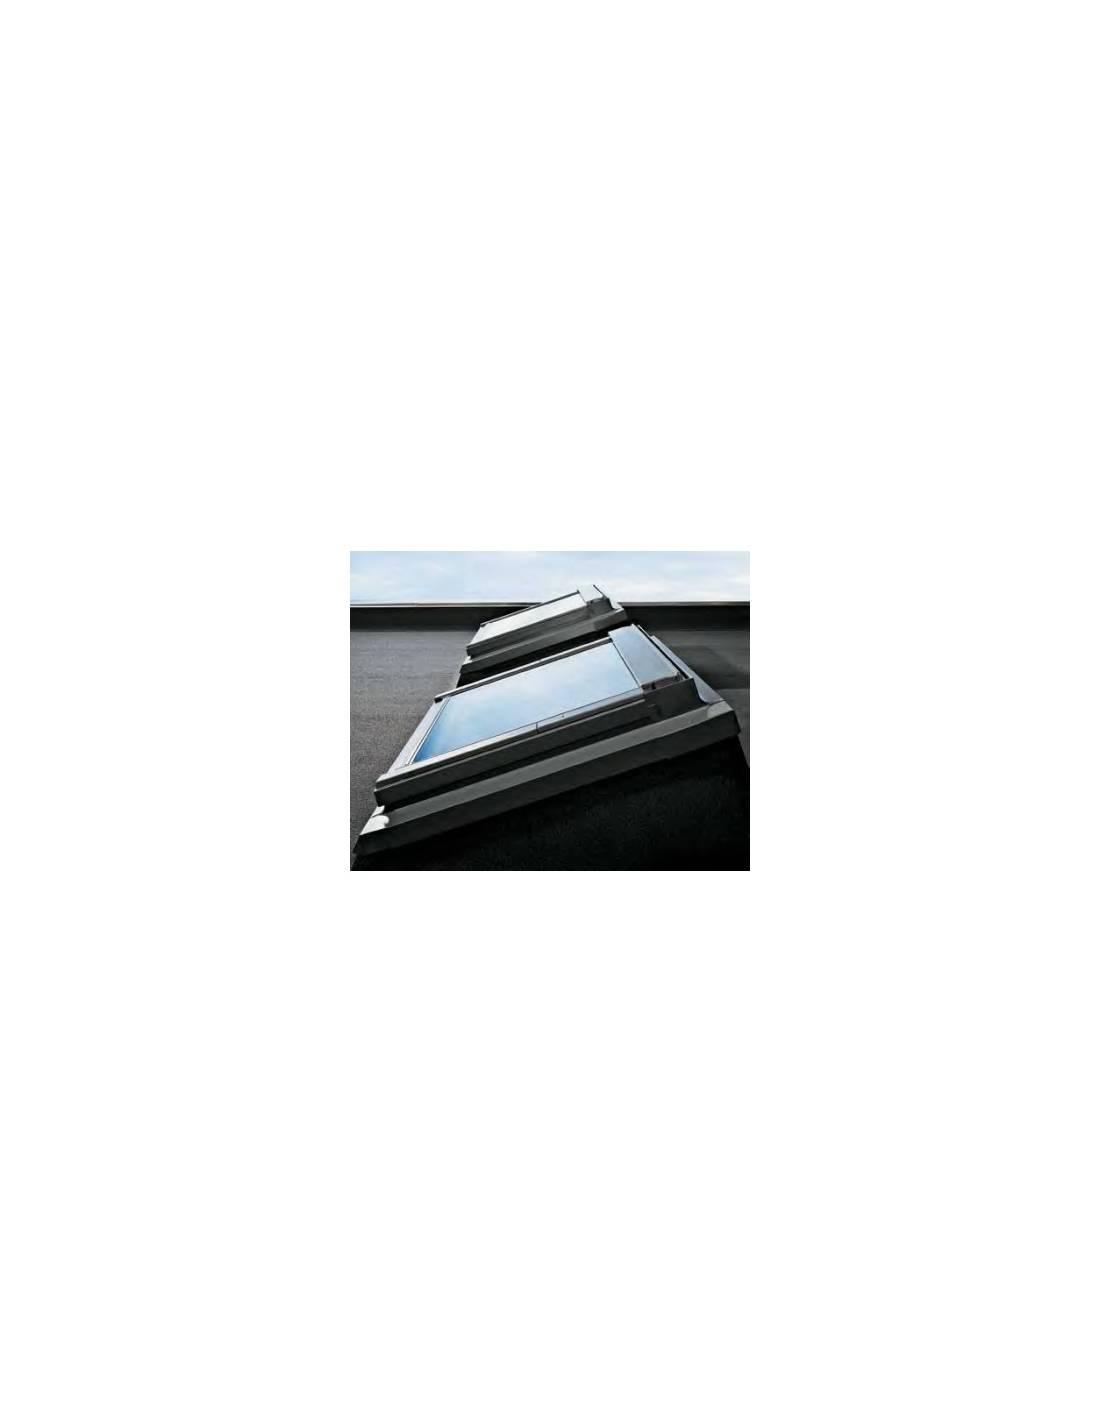 Velux ecx raccordo per tetti piani for Velux finestre tetti piani